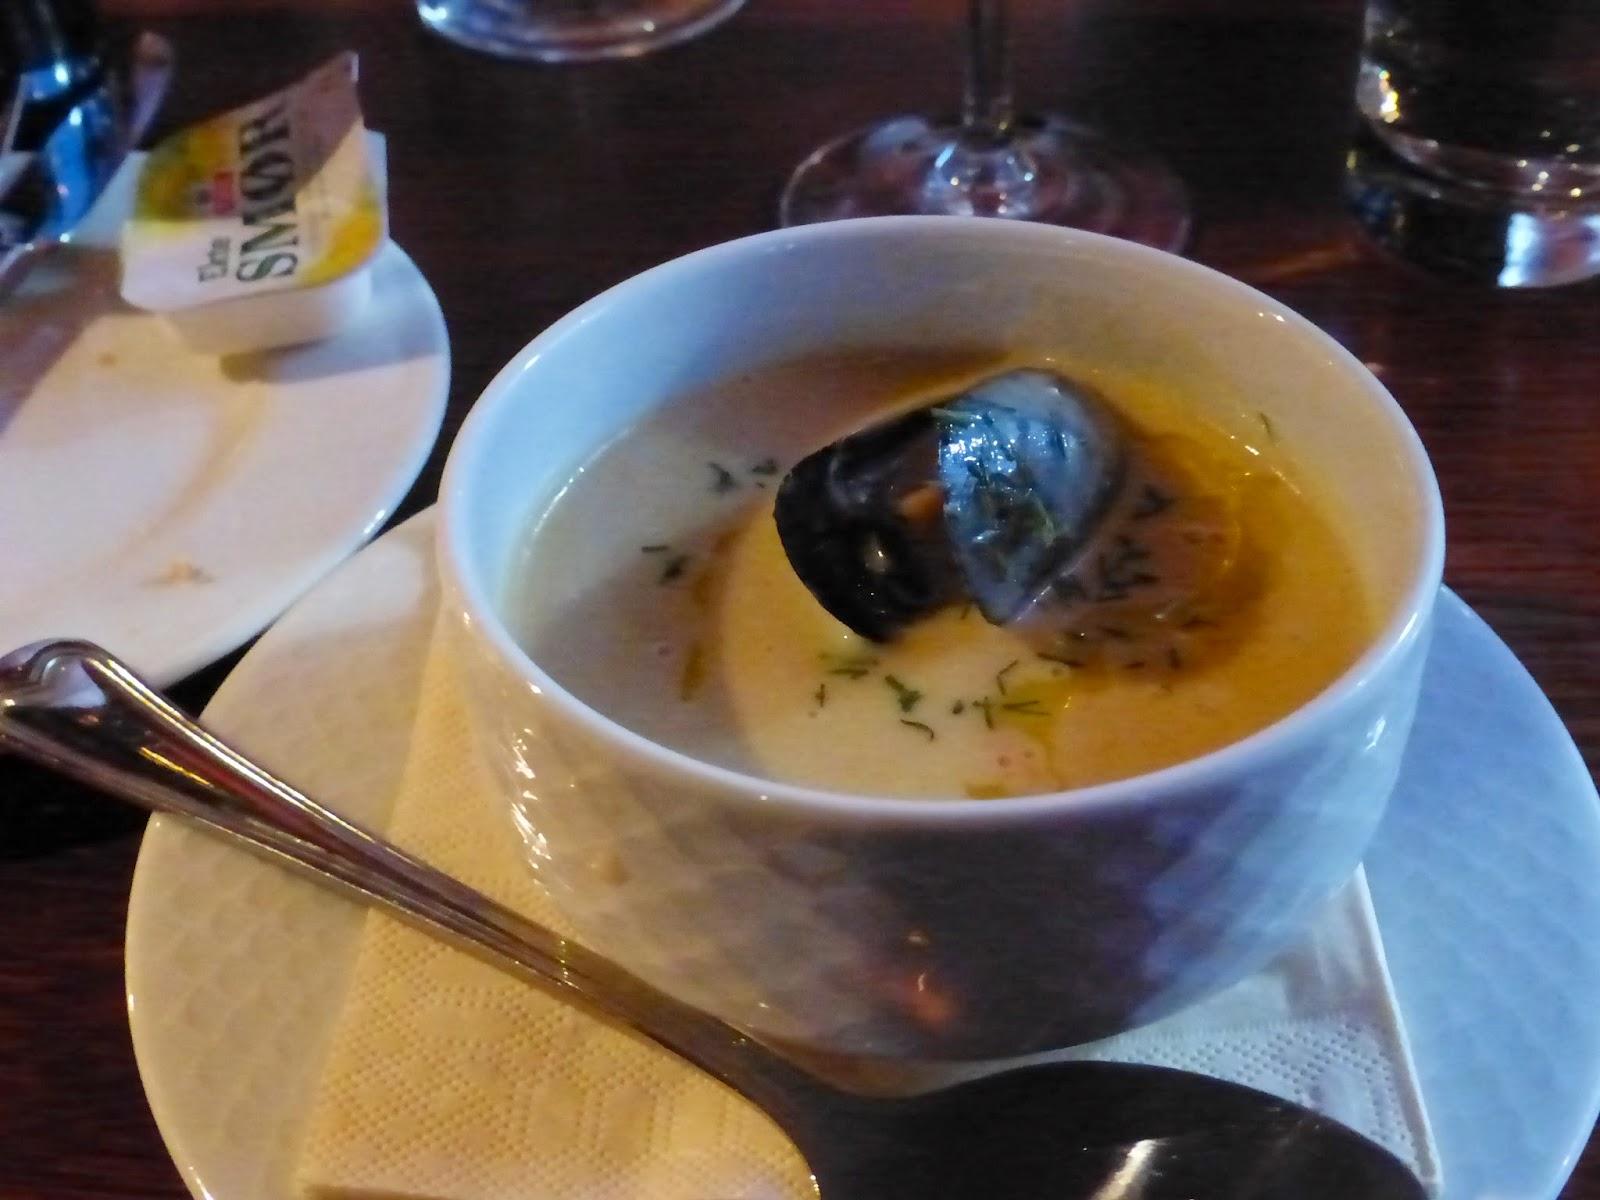 comme je vous le disais les norvgiens sont friands de renne et ils accommodent les plats avec des lgumes mais aussi avec beaucoup de pommes de terre que - Lit A Eau Avec Poisson